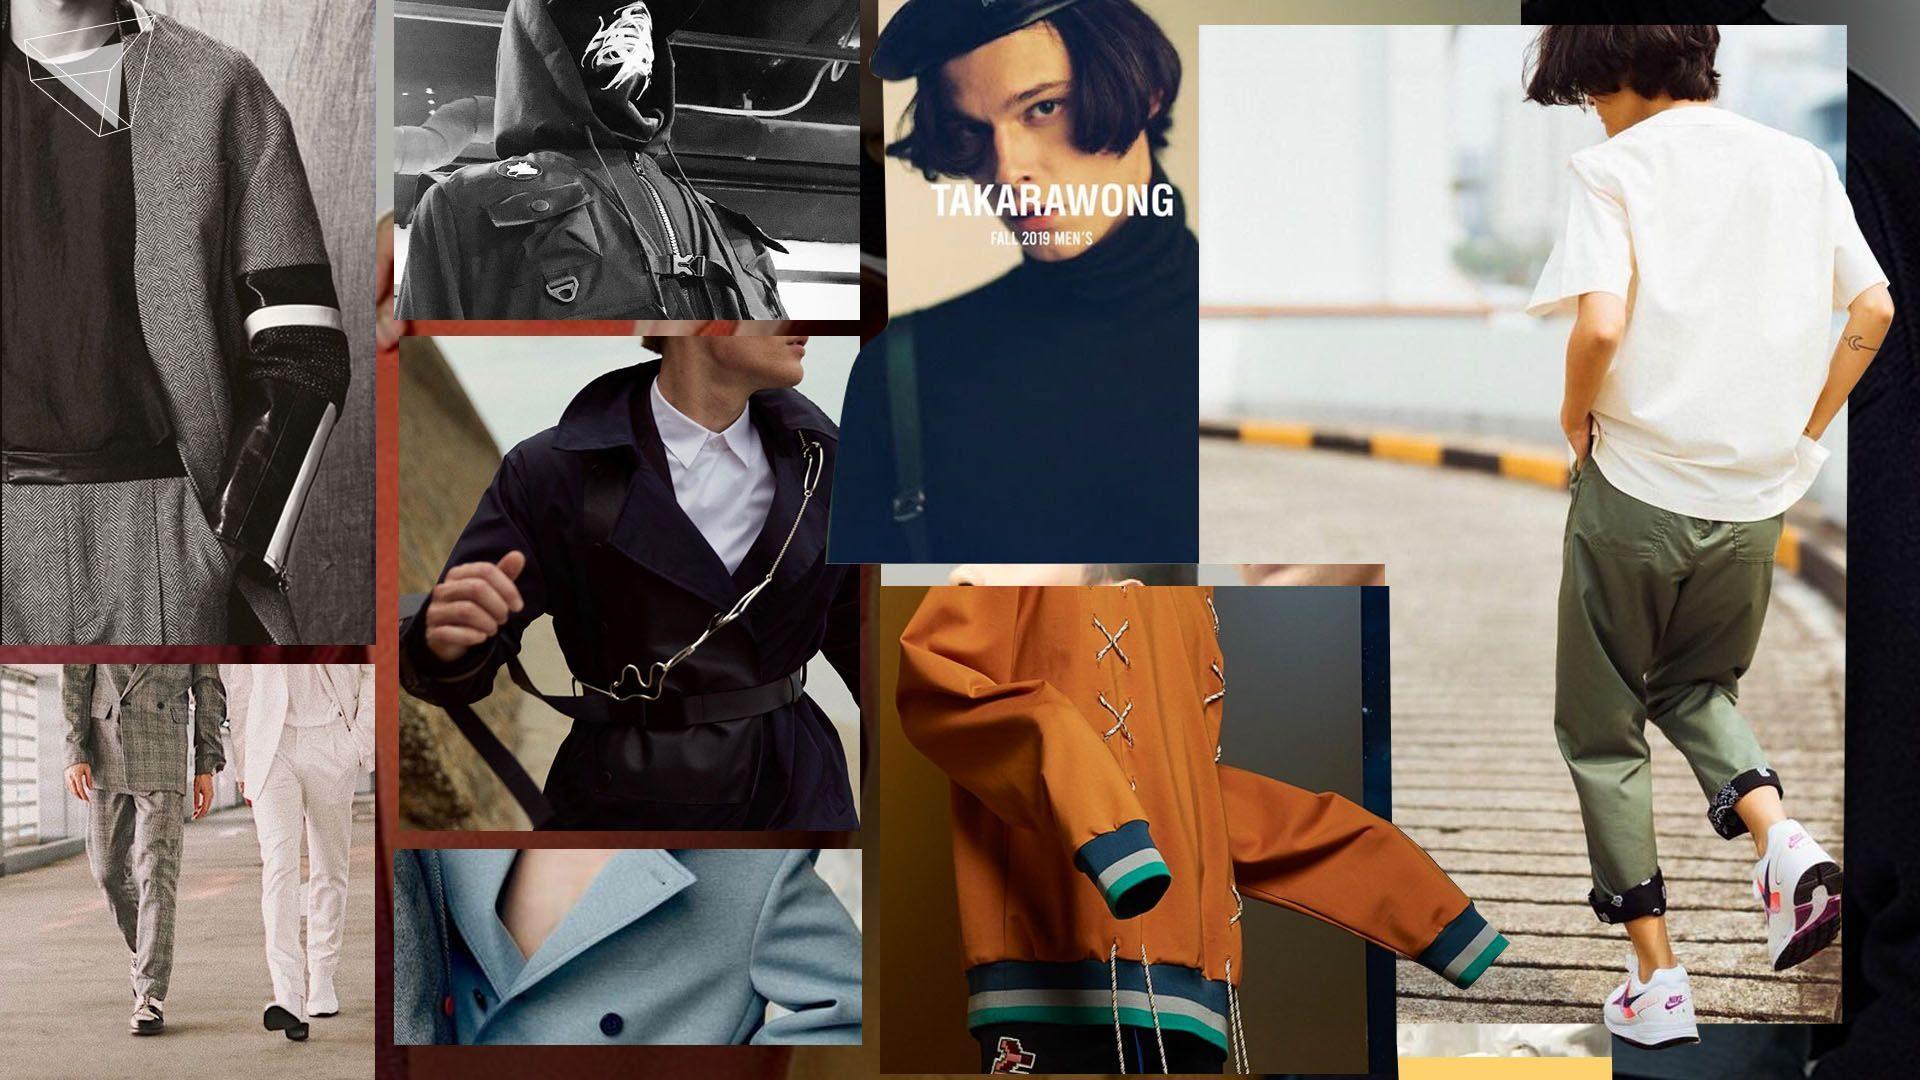 แบรนด์เสื้อผ้าผู้ชาย